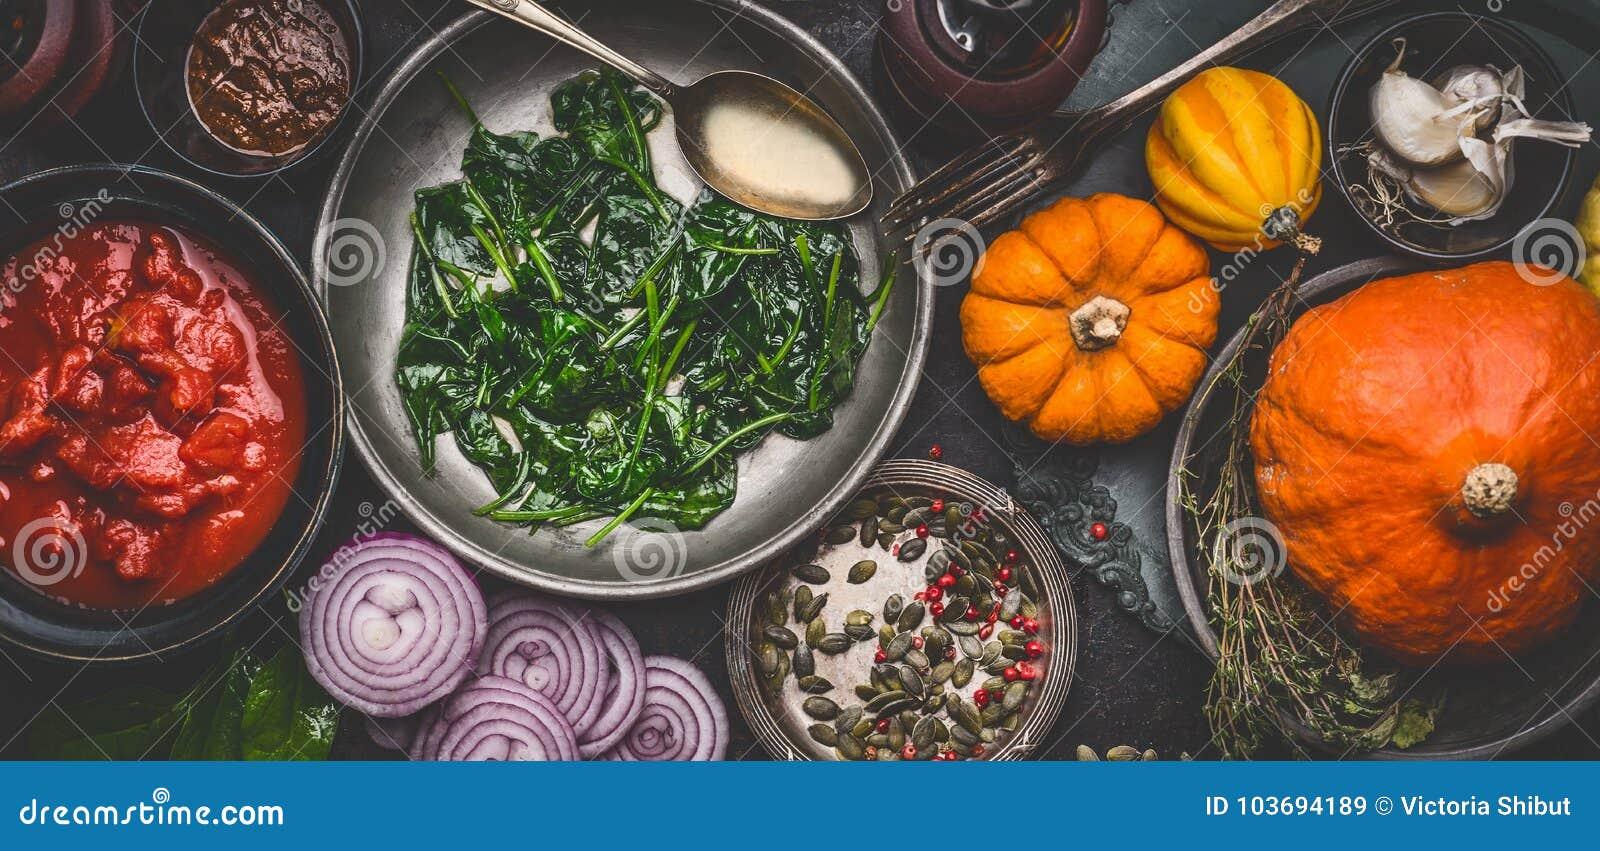 Le végétarien en bonne santé faisant cuire des ingrédients pour le potiron savoureux bombe des recettes dans des cuvettes : les s